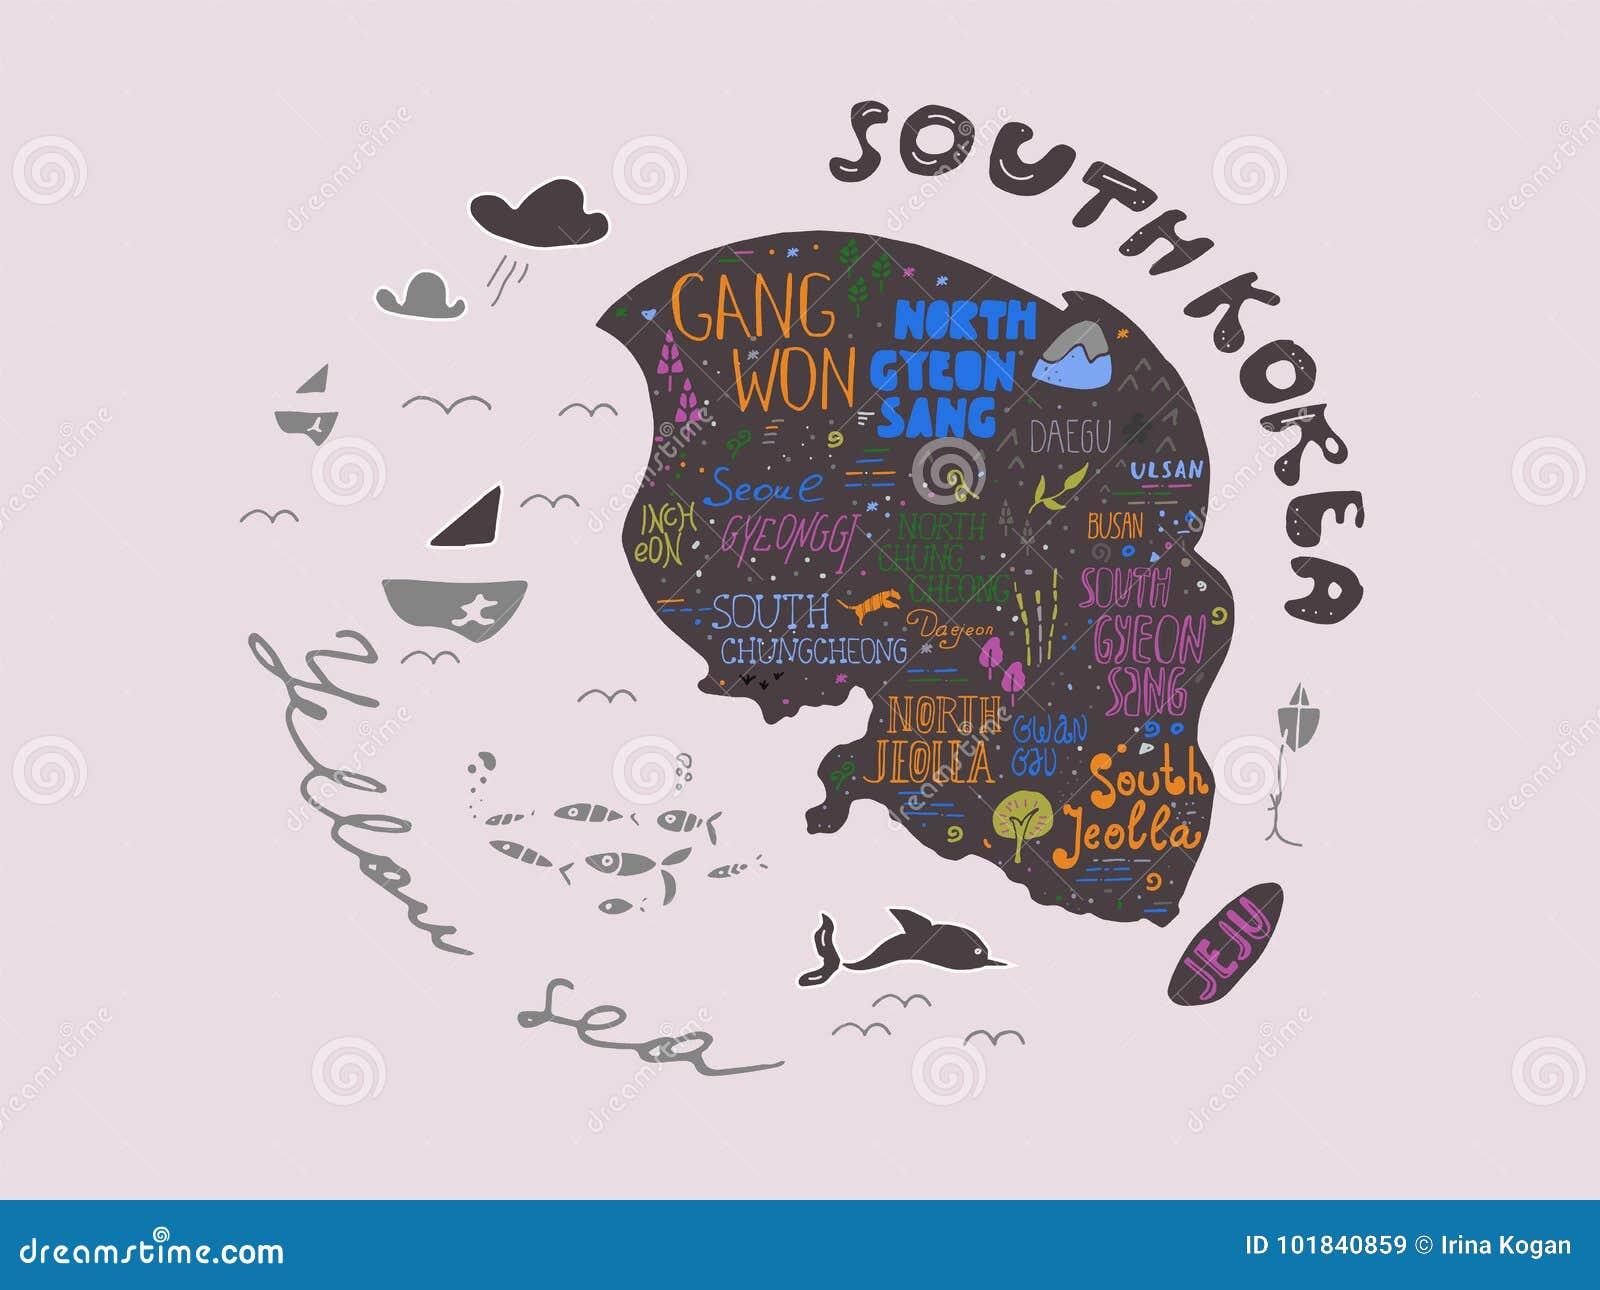 Σχεδιαζόμενος χέρι χάρτης της διανυσματικής απεικόνισης της Νότιας Κορέας, σχέδιο